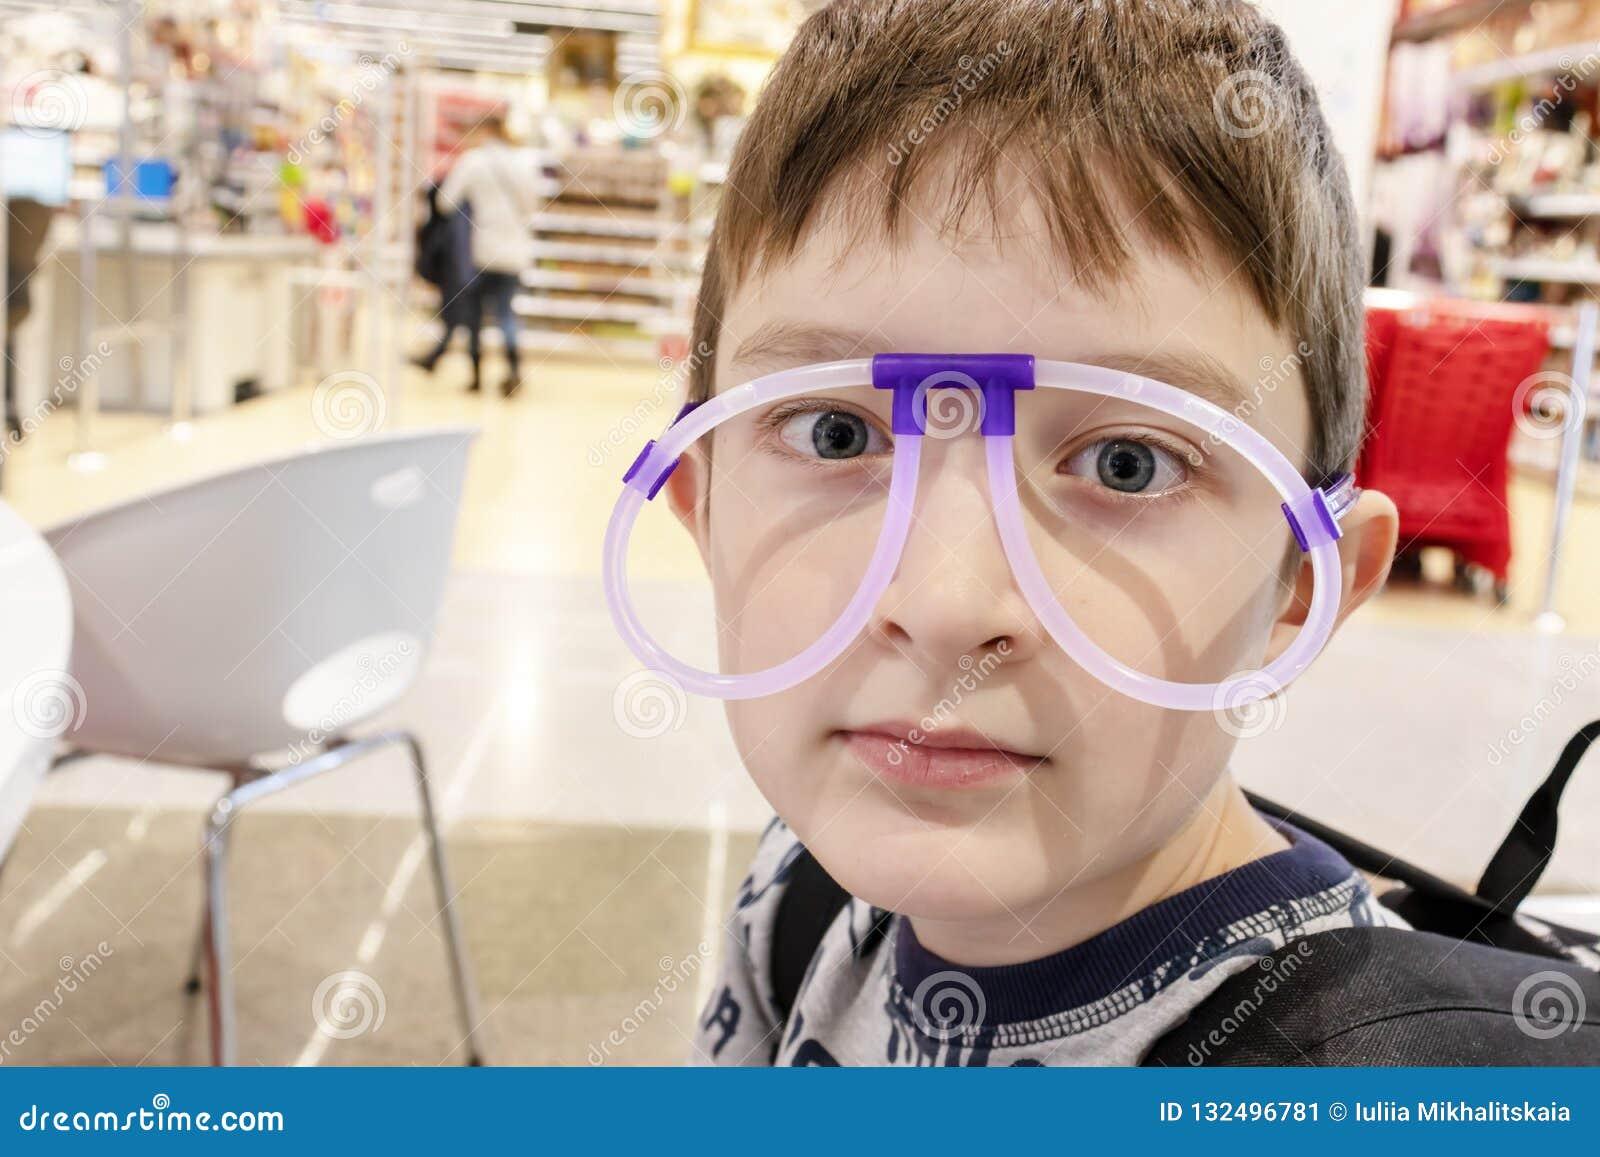 Πορτρέτο του αστείου χαριτωμένου αγοριού που φορά τα παράξενα γυαλιά φιαγμένο από φθορισμού σωλήνες νέου, λεωφόρος αγορών